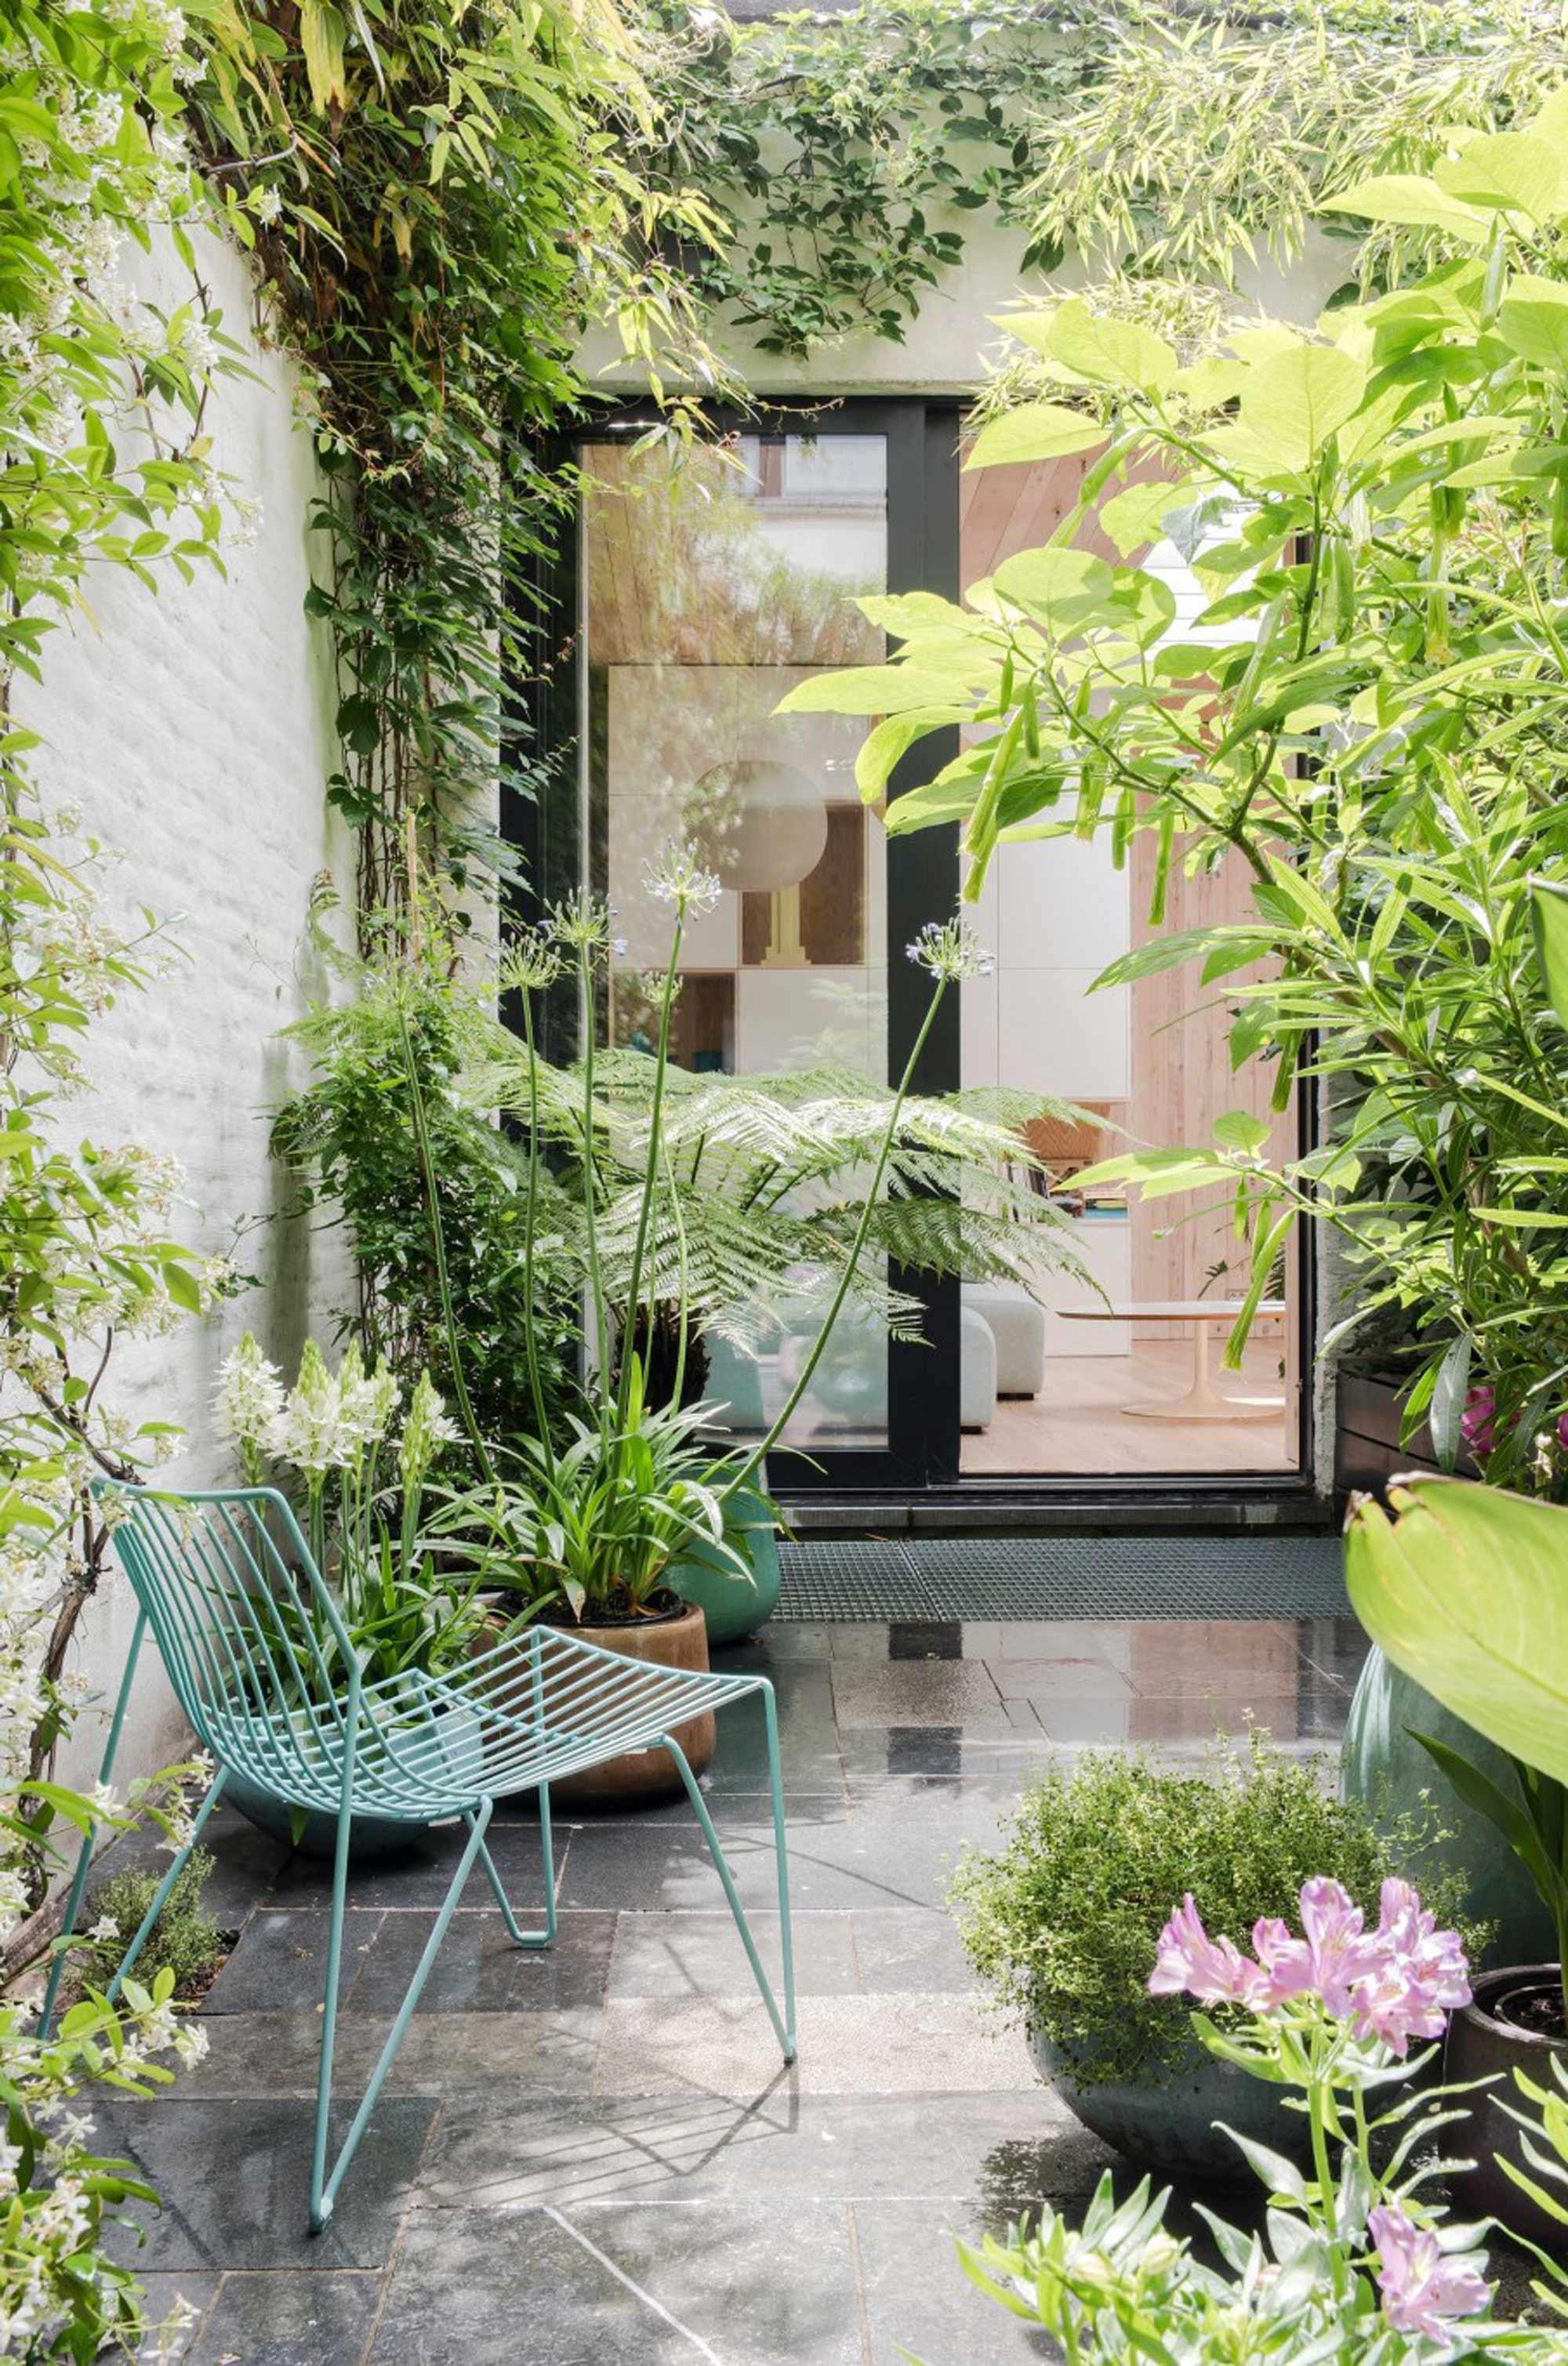 kleine tuin binnenplaats klimop begroeiing planten